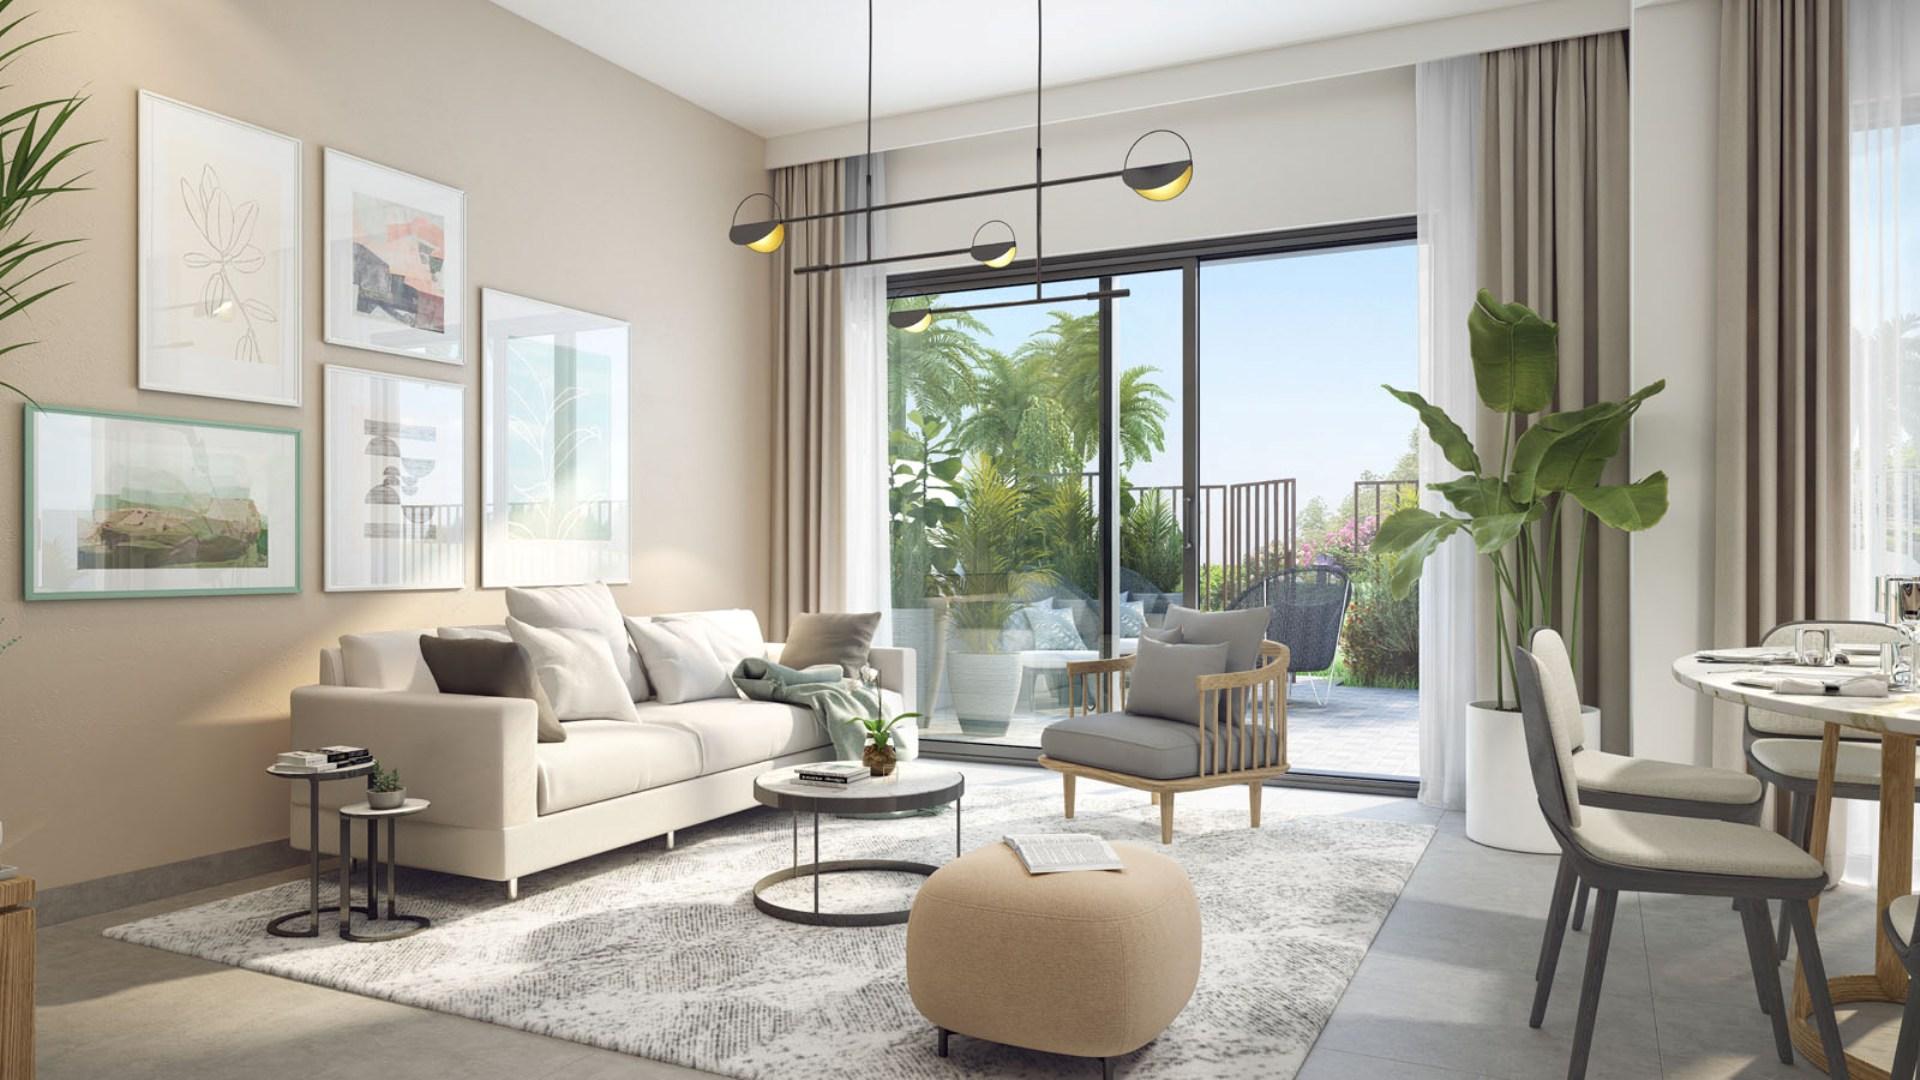 Adosado en venta en Dubai, EAU, 4 dormitorios, 231 m2, № 24352 – foto 5